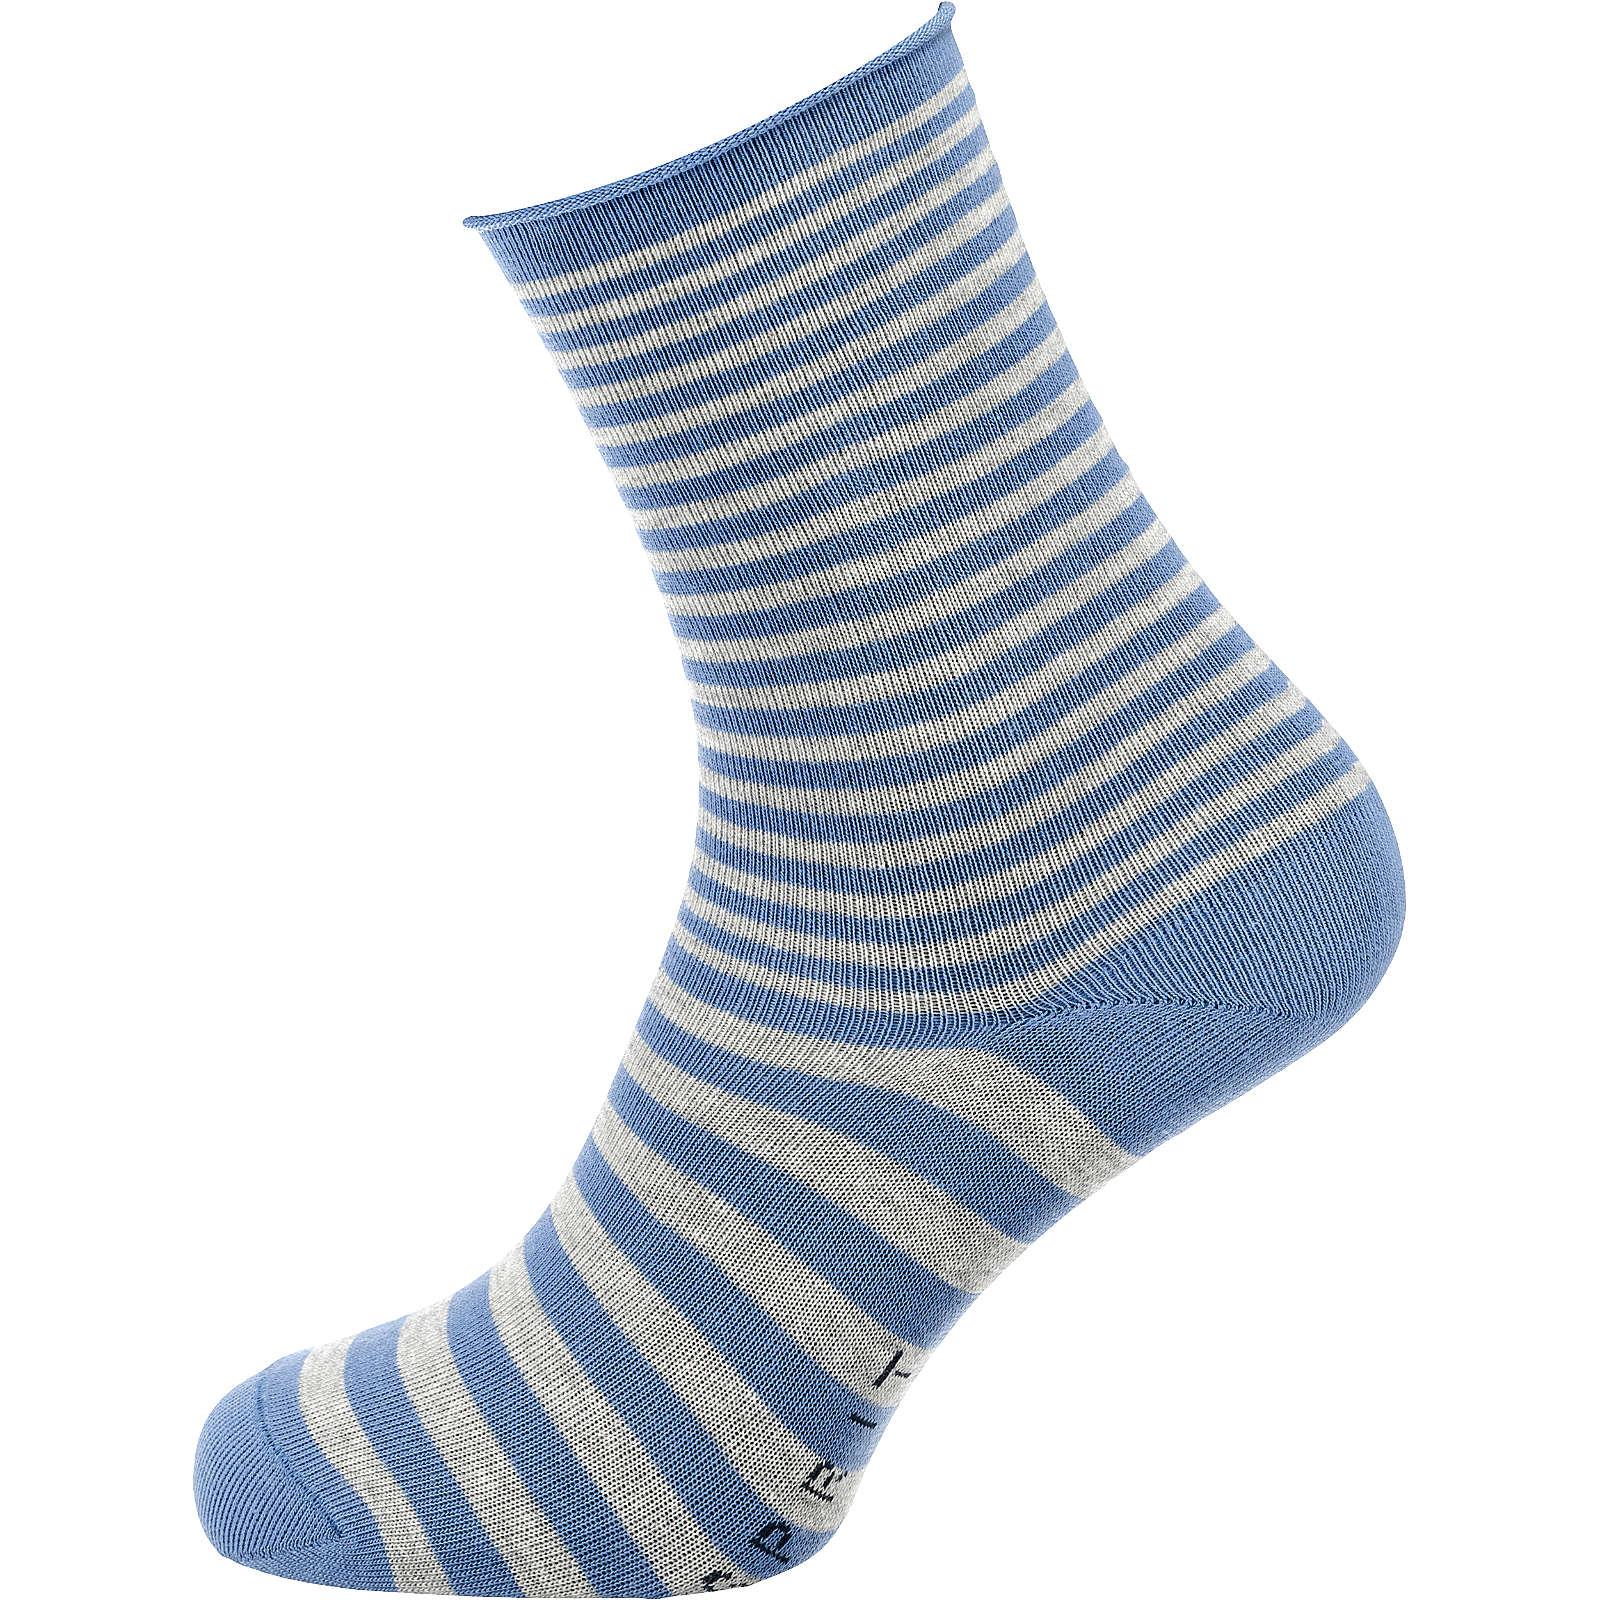 ESPRIT ein Paar Socken blau-kombi Damen Gr. 35-38